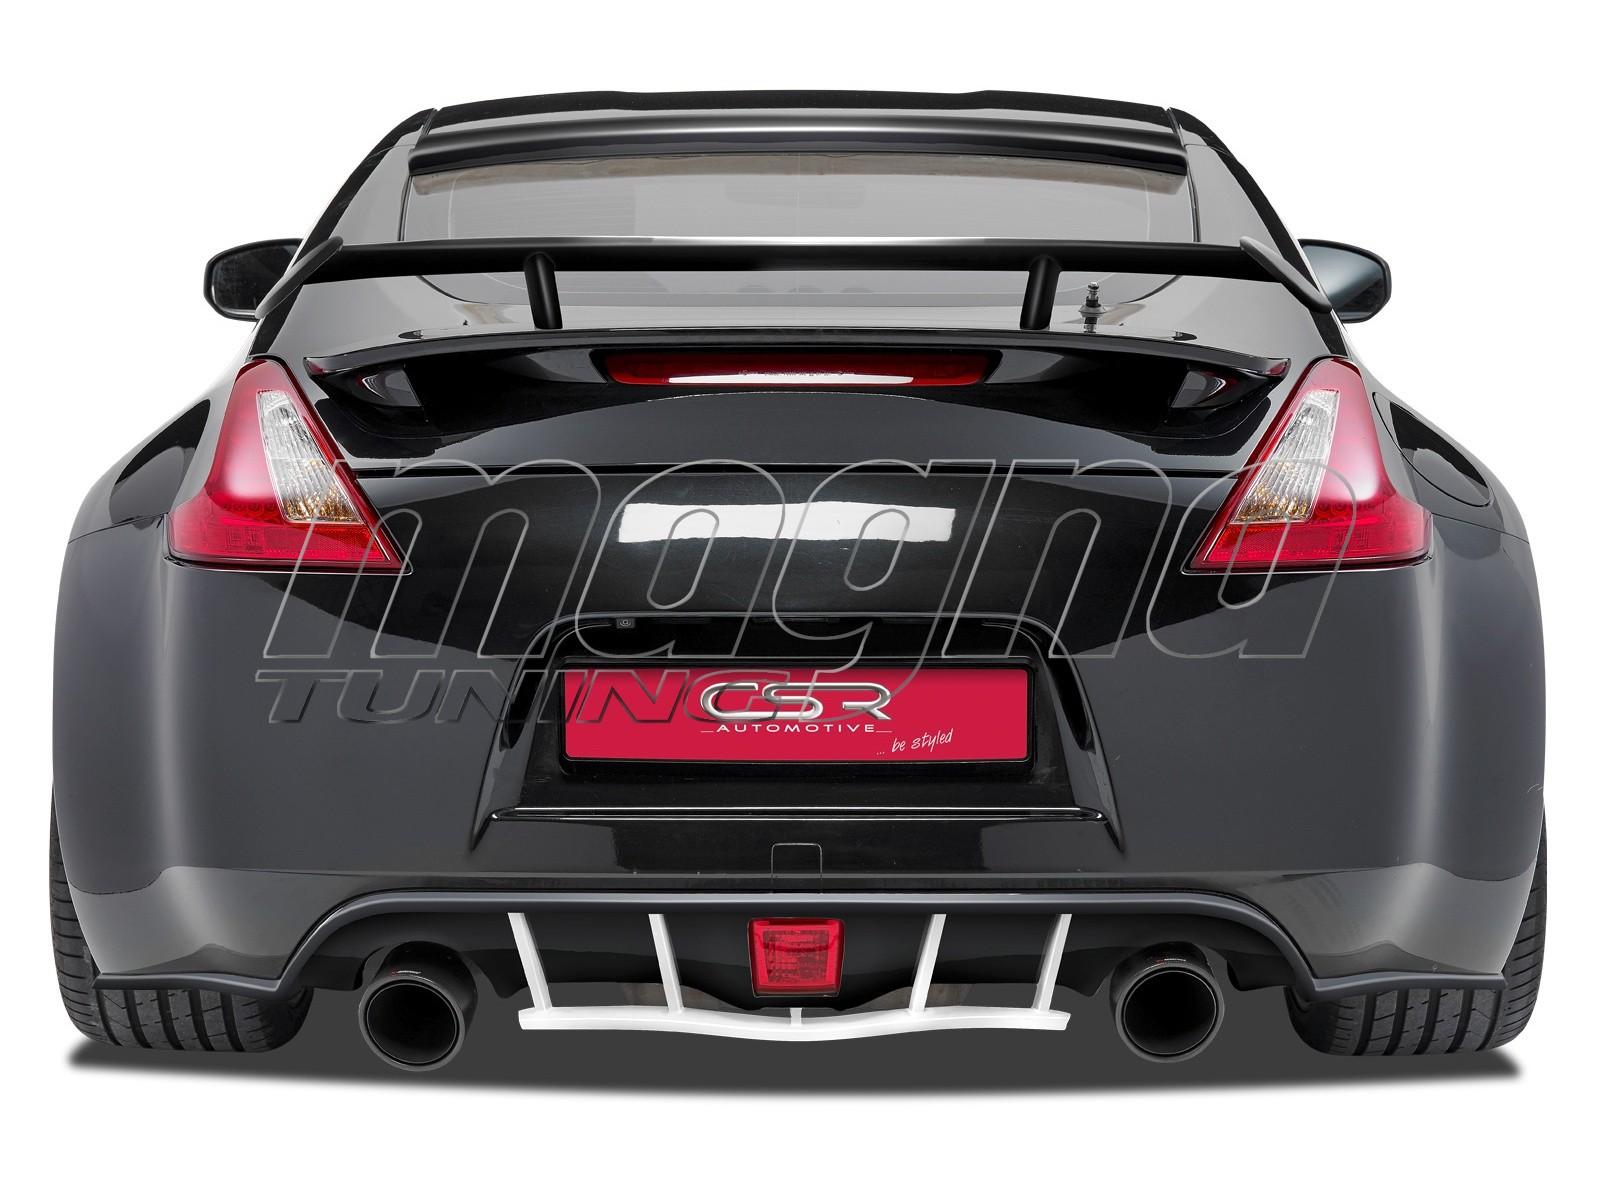 Nissan 370Z Crono Rear Bumper Extension